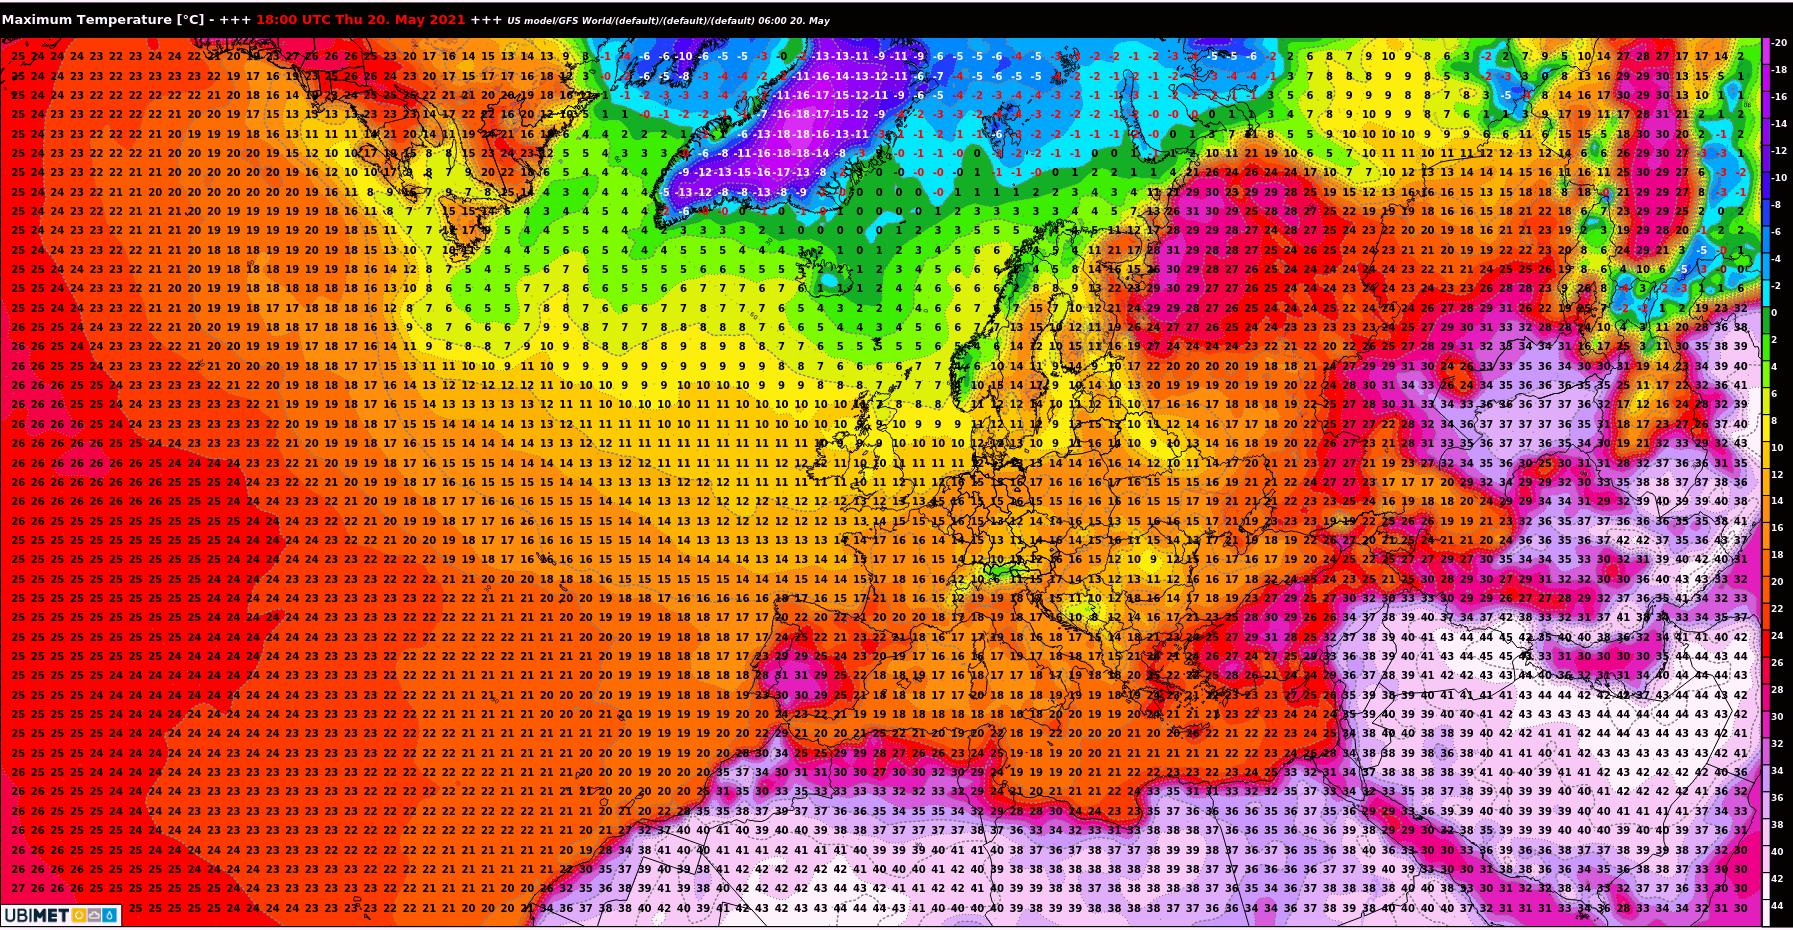 Maximumtemperatur für Donnerstag 20. Mai 2021